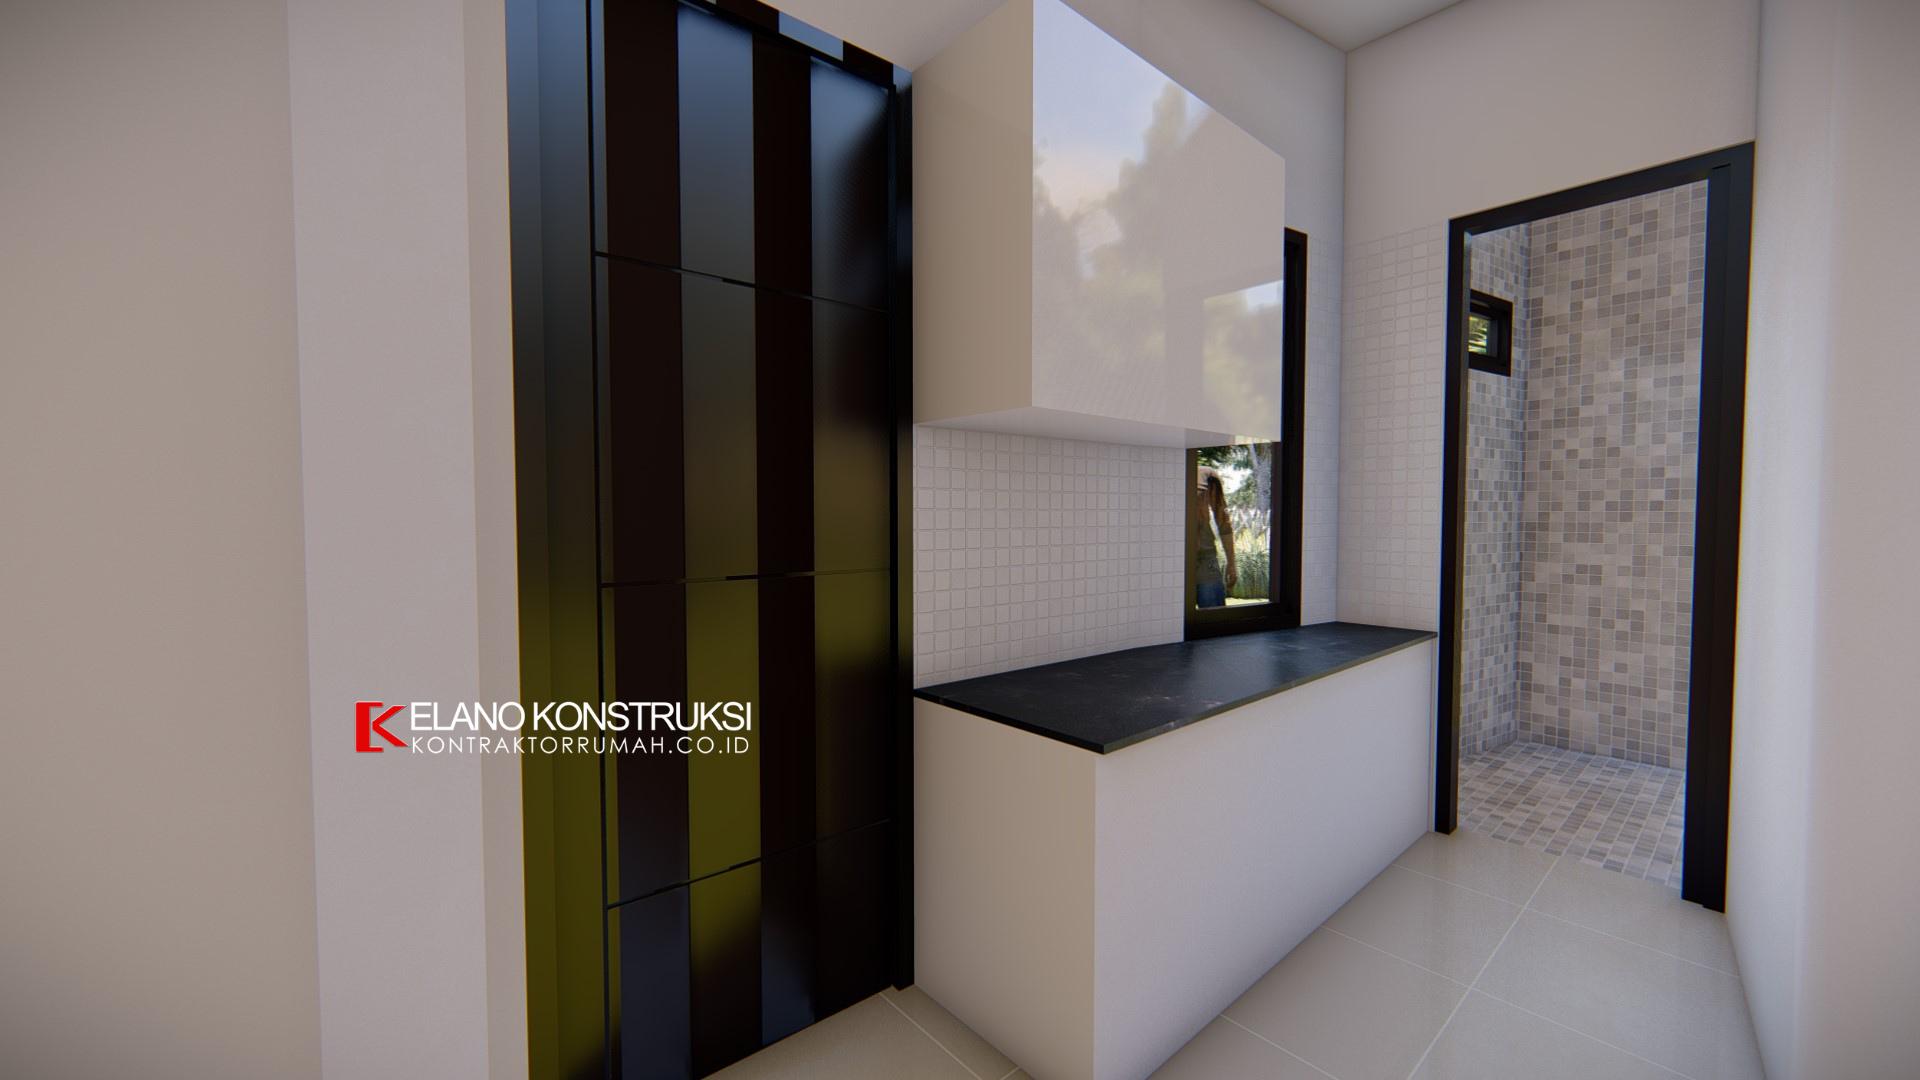 Untitled design 6 1 - Desain Rumah Minimalis Bapak Priyo 100 M2 Jakarta Timur